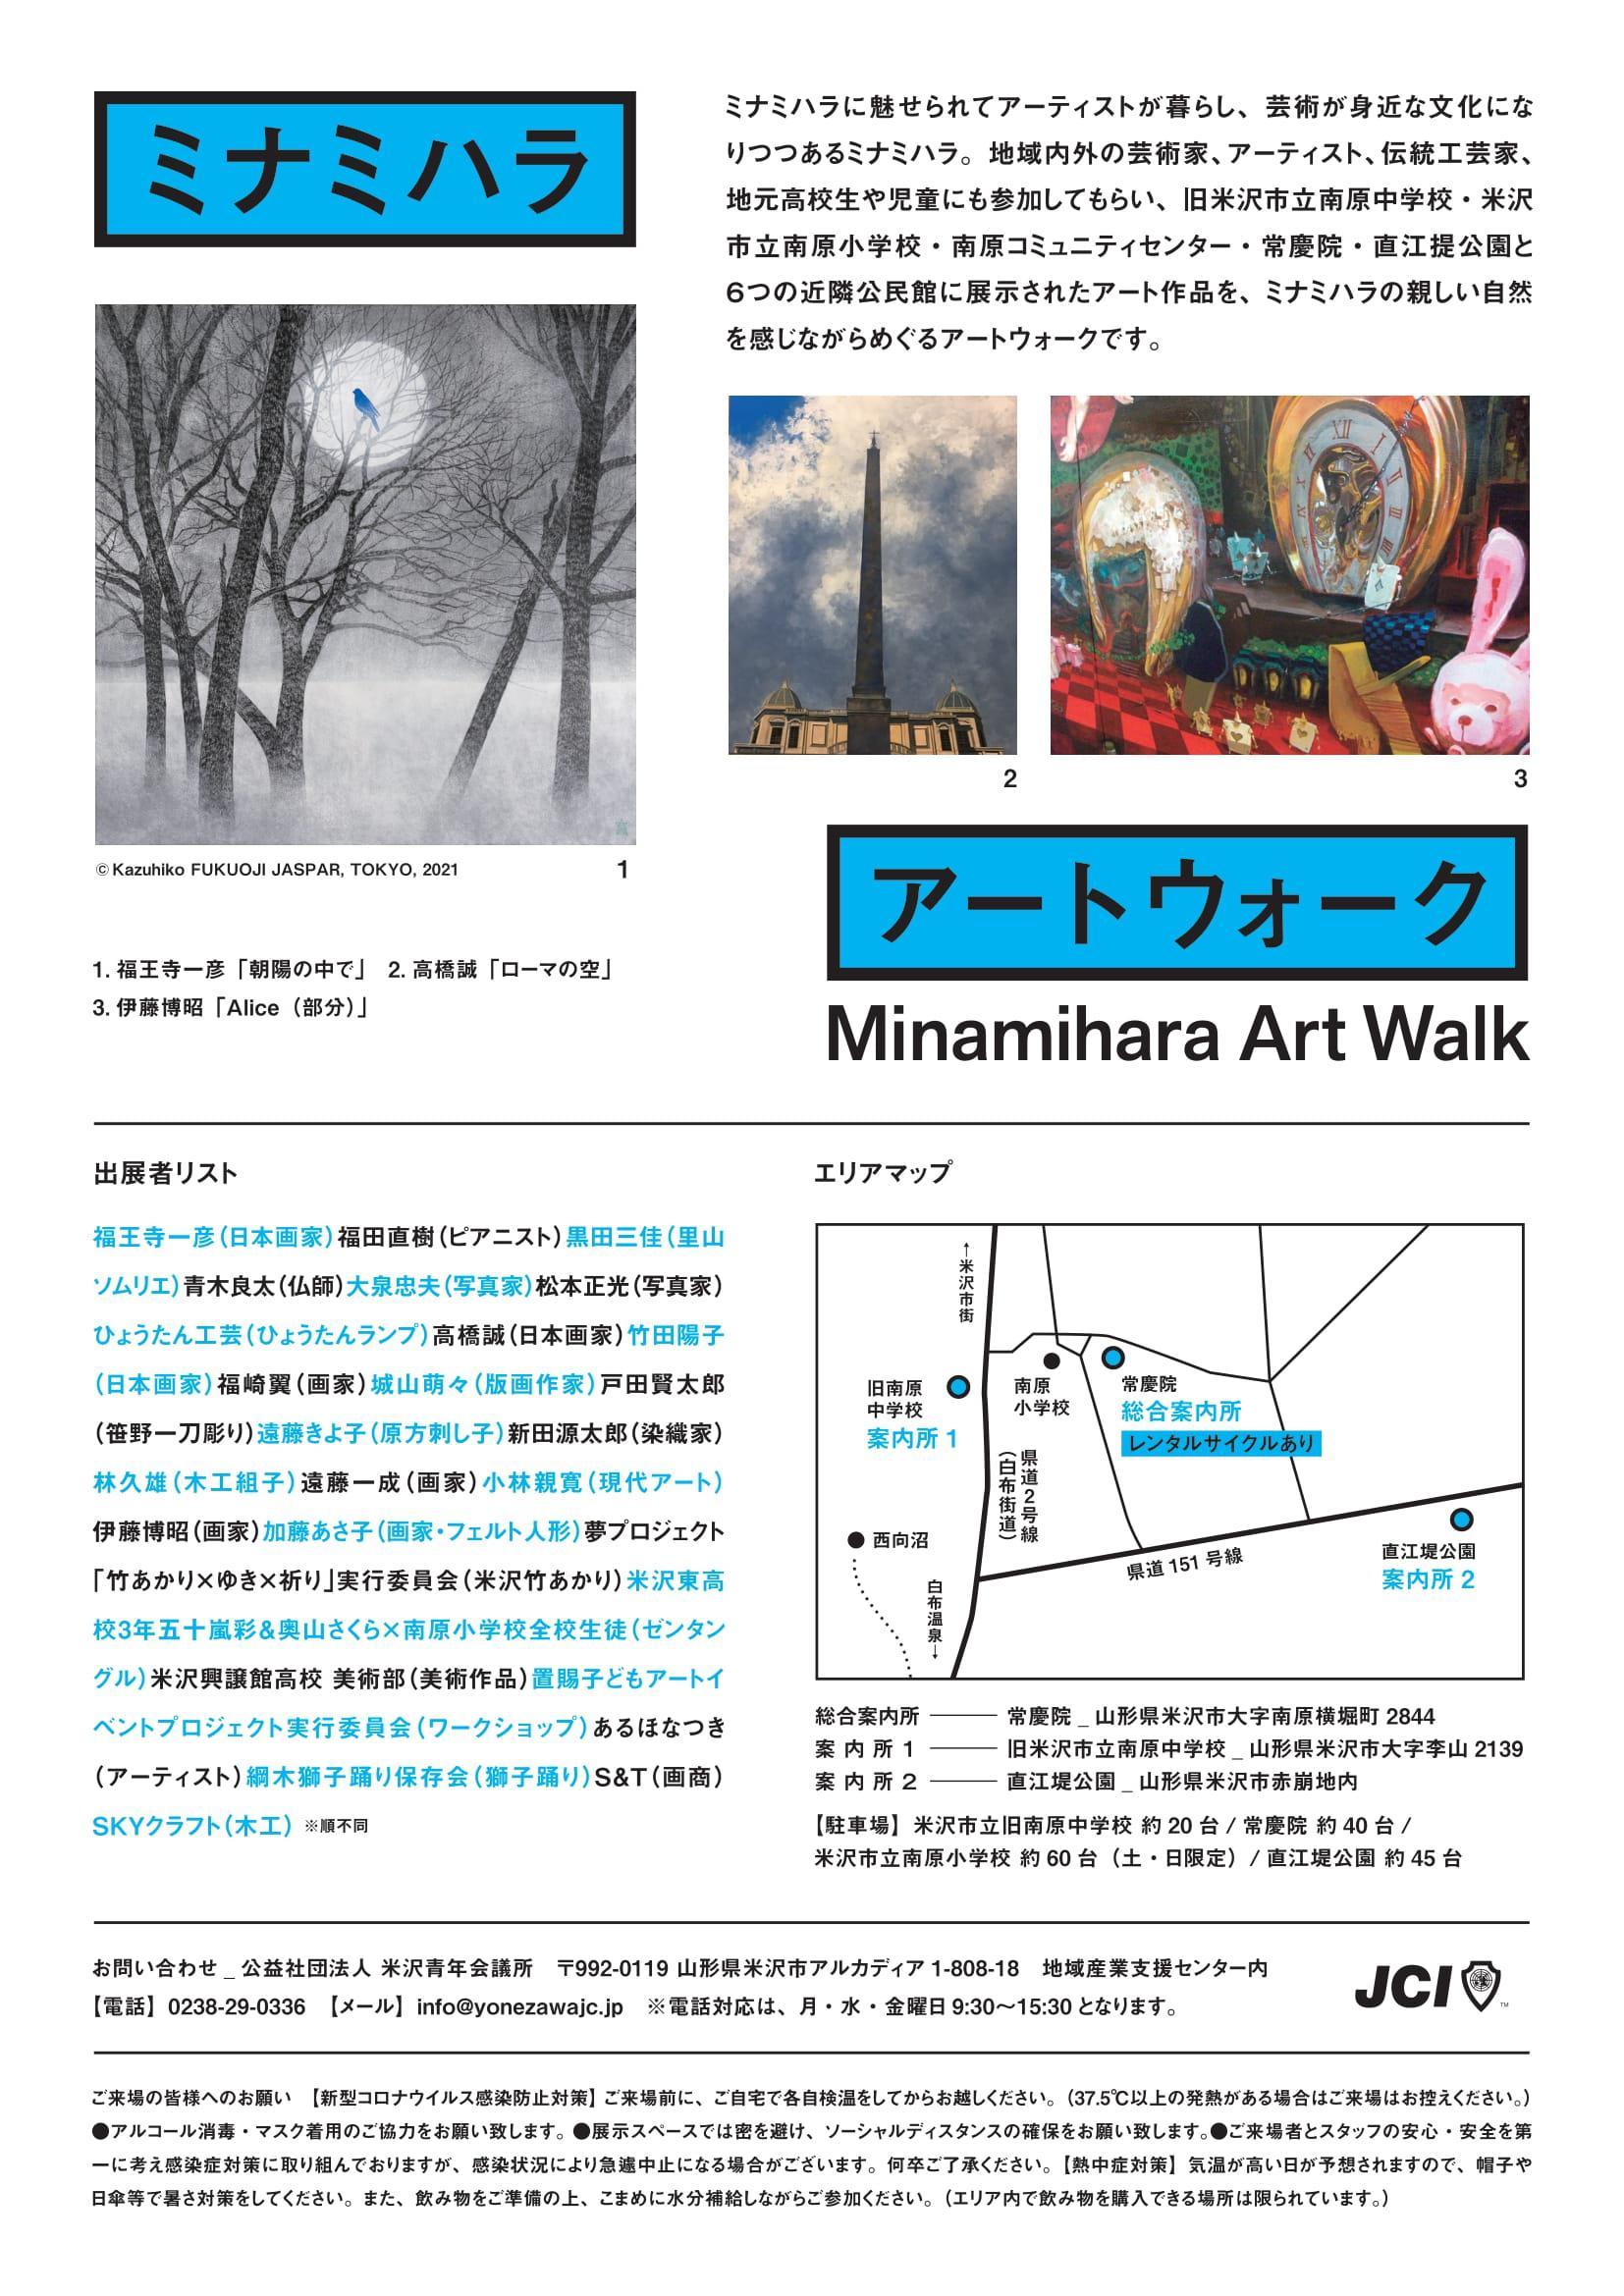 芸術祭「ミナミハラアートウォーク」のご案内